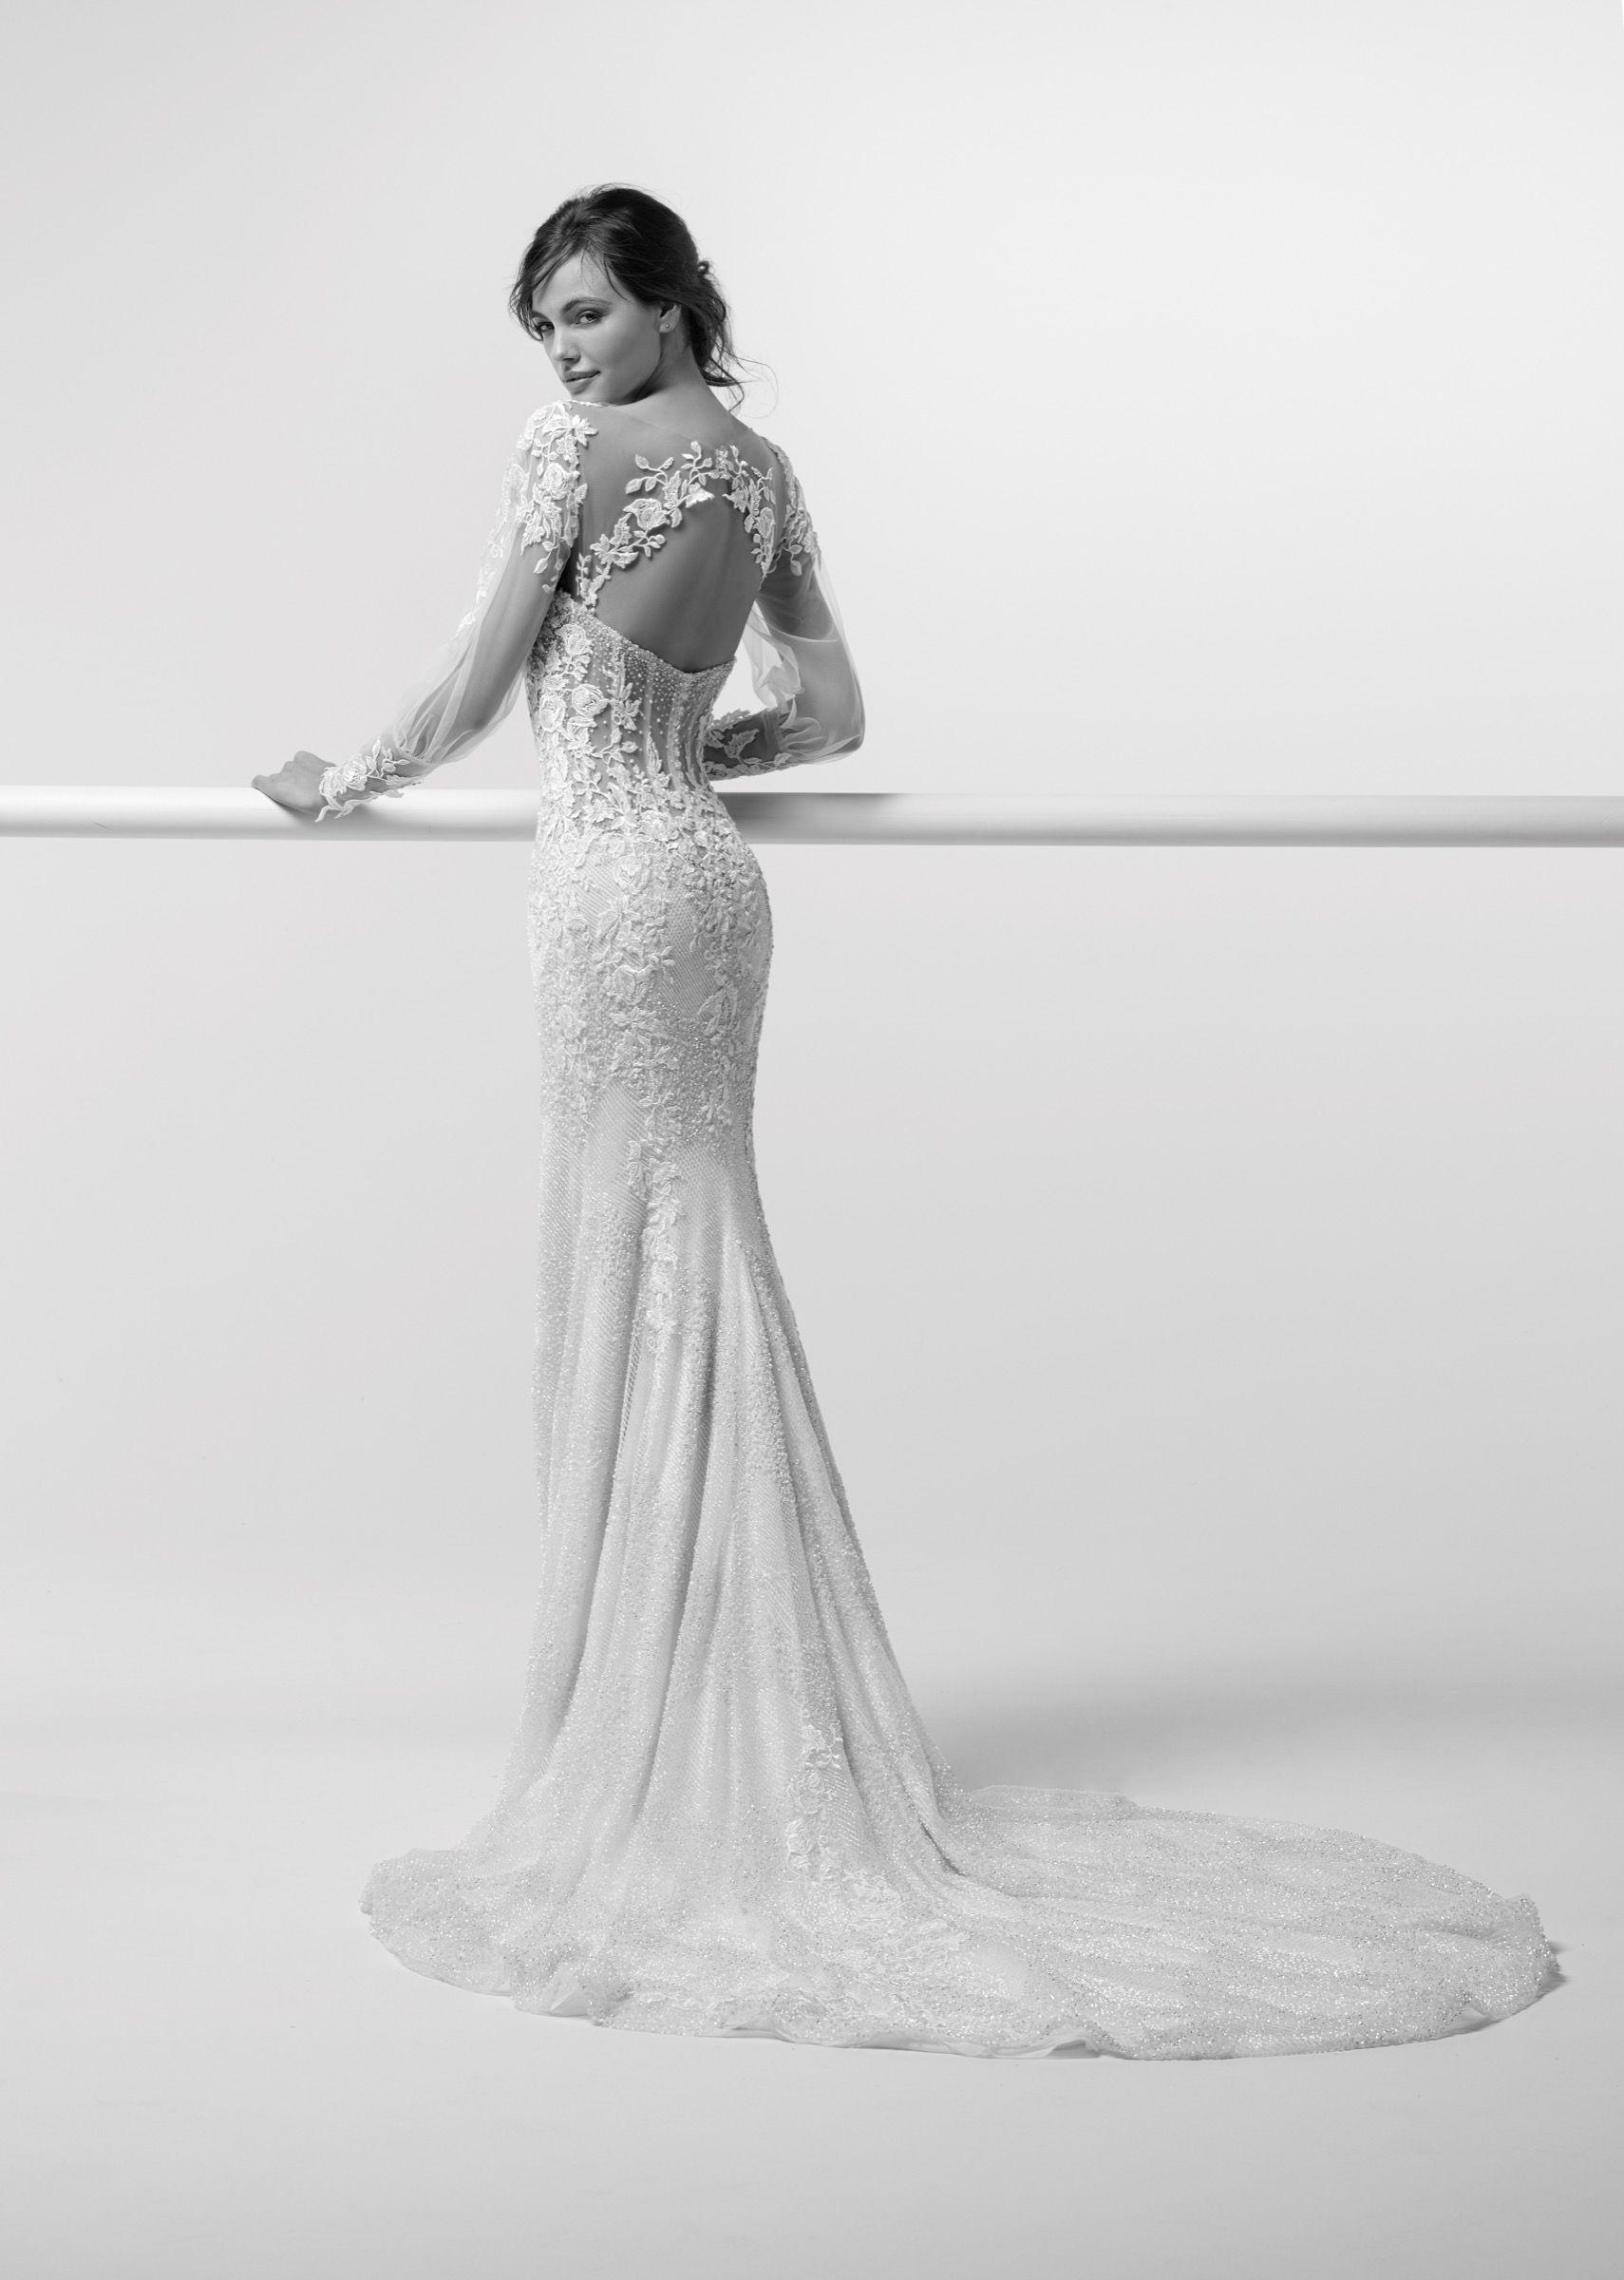 7d1e6fd2e44f ALBERTA - ARAB19747 ARJK19747 - Couture Age - Alessandra Rinaudo Milano  2019 Collection